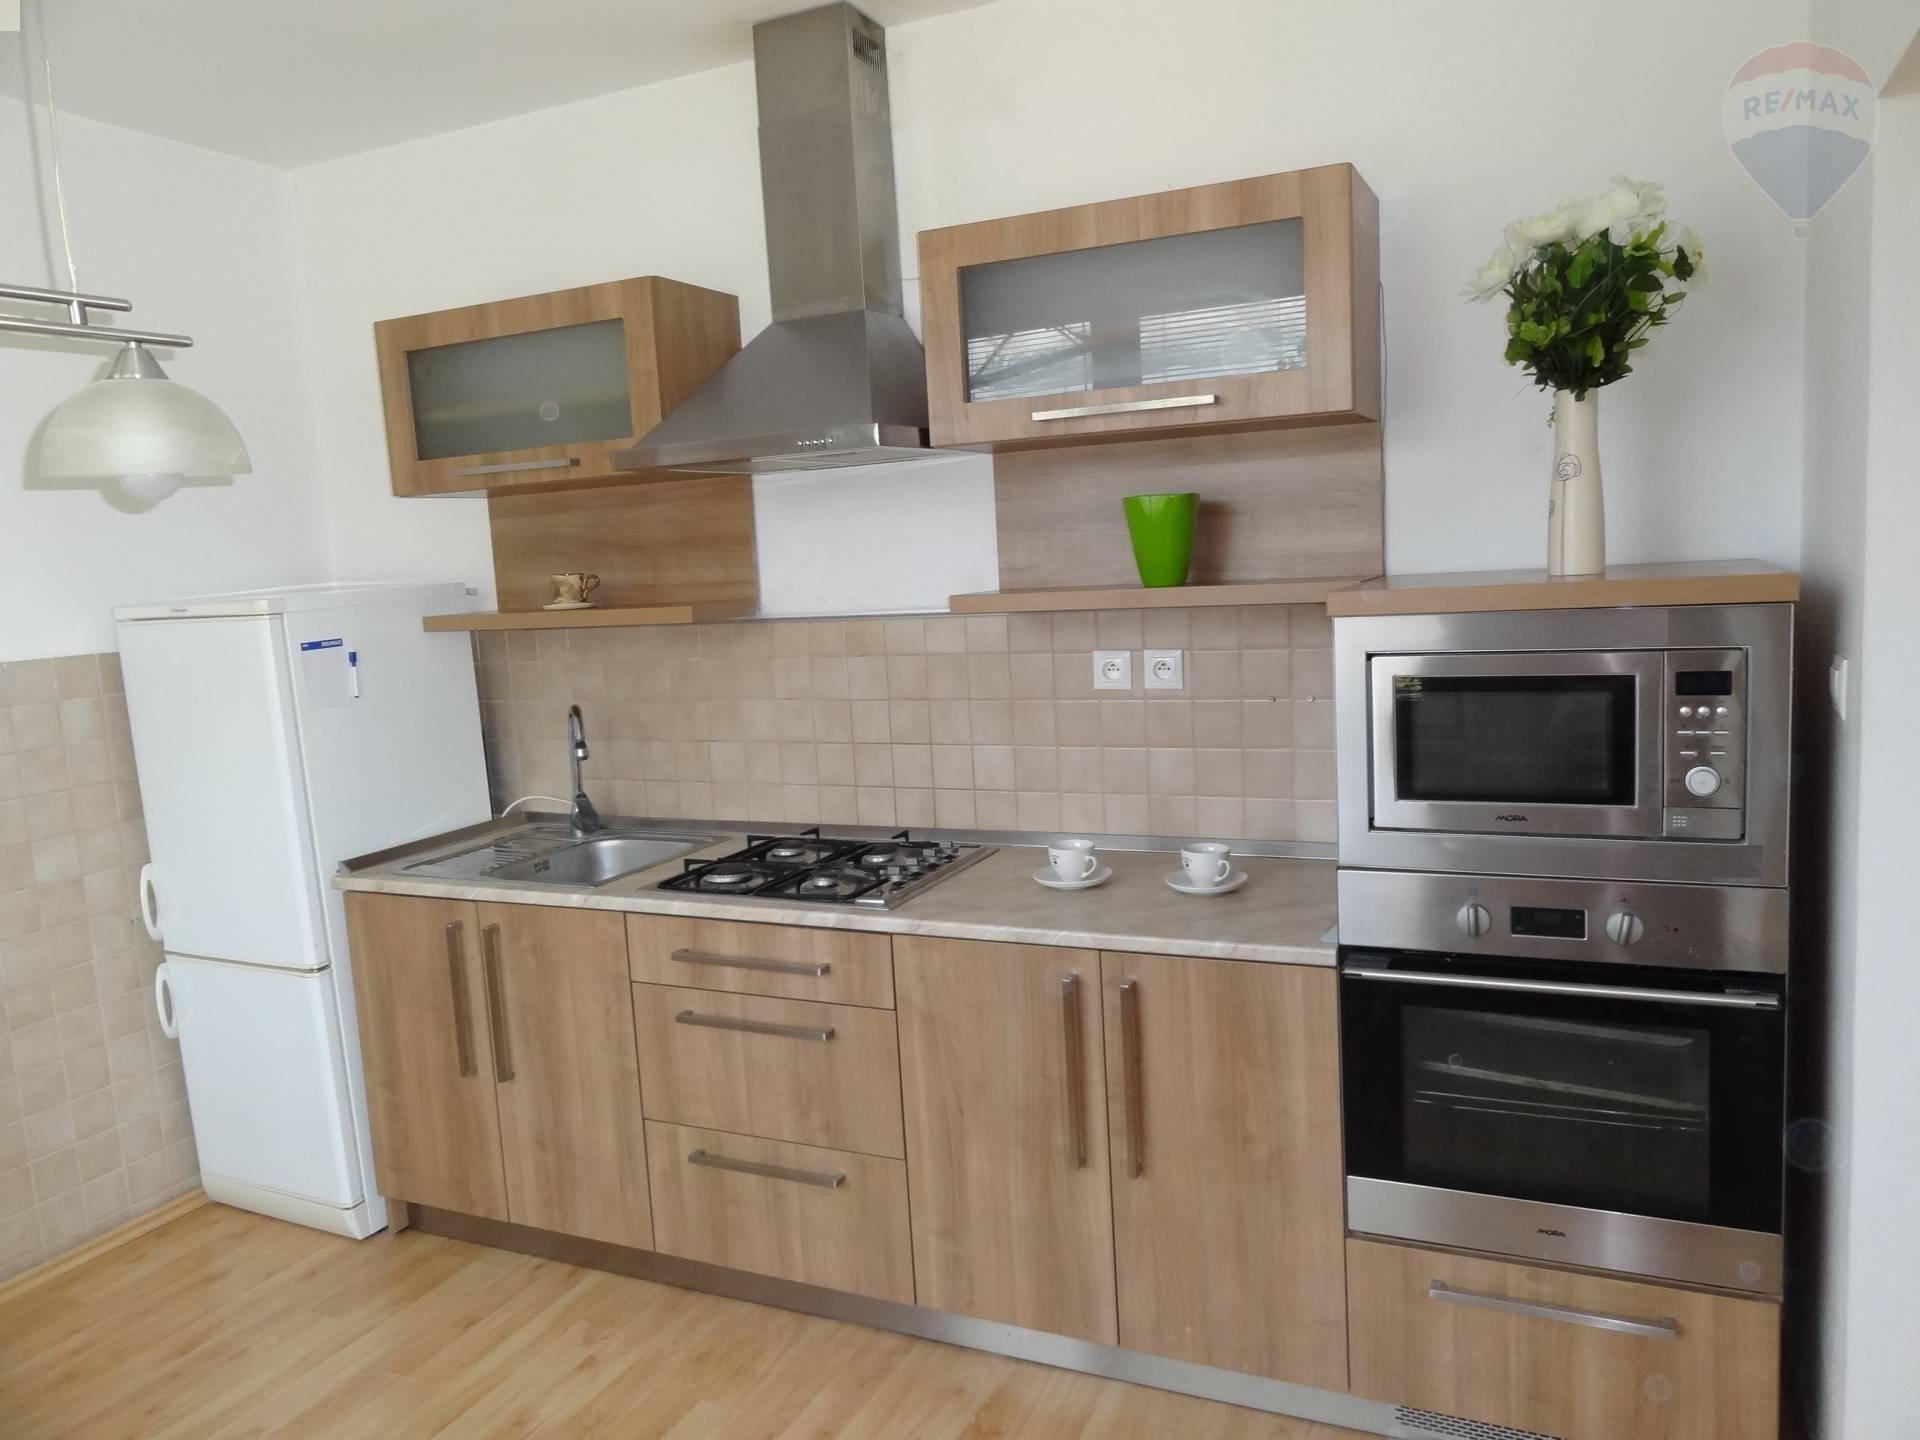 Predaj 2 izbový byt, Nitra, Chrenová